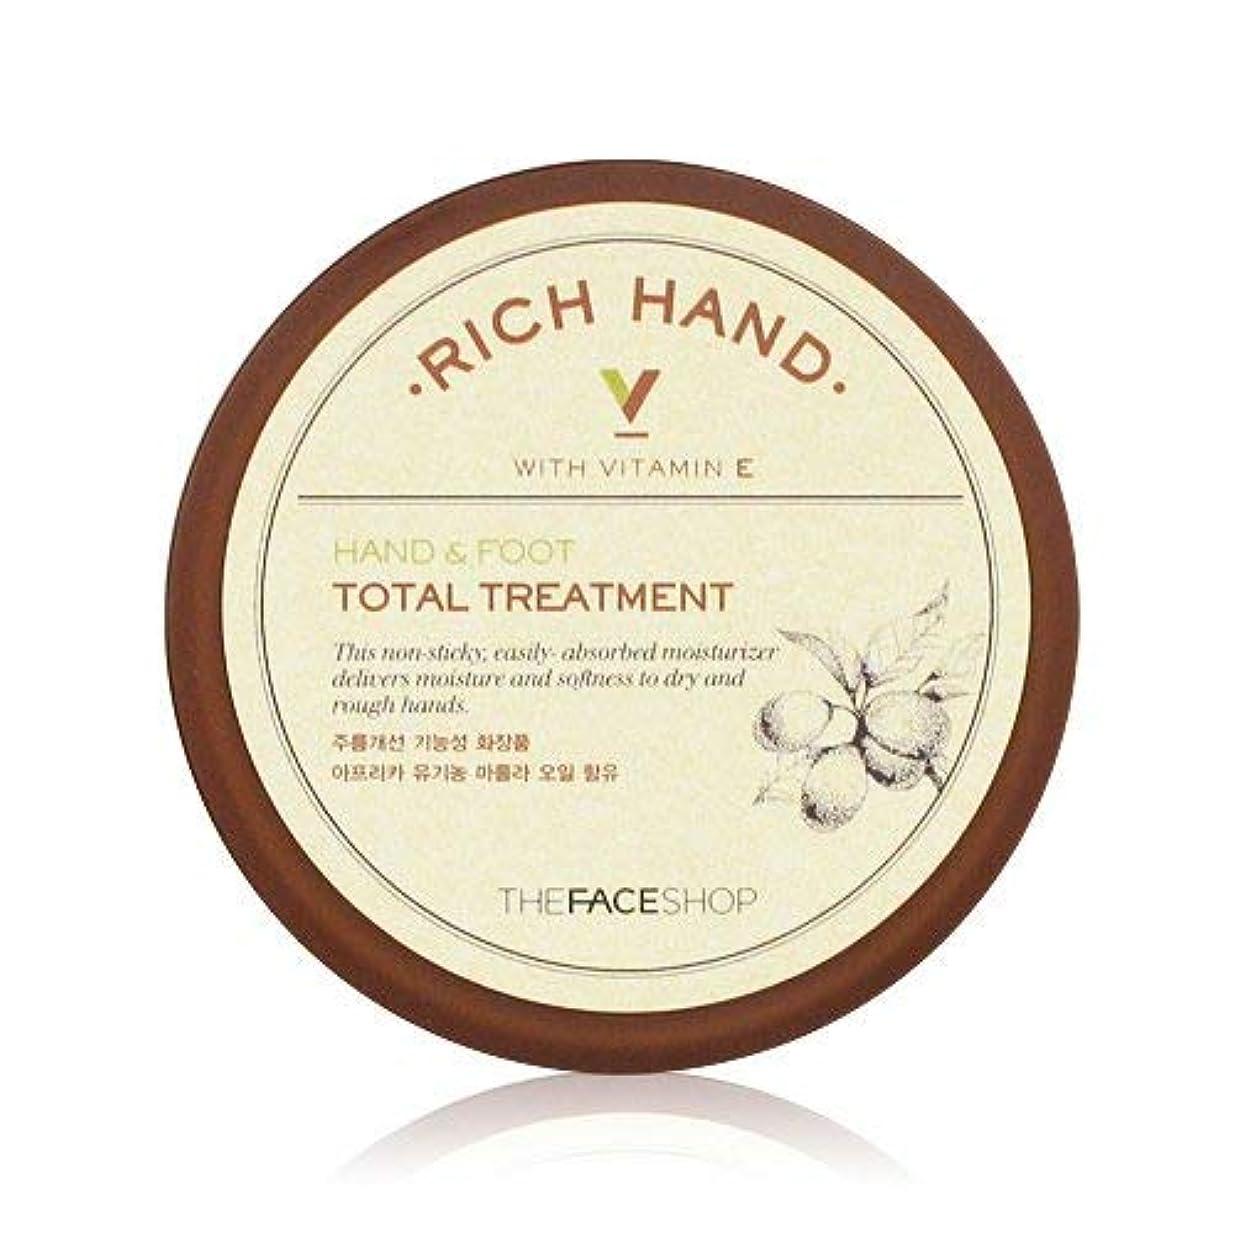 クルーキャプテンブライ有用THE FACE SHOP Rich Hand V Hand and Foot Total Treatment ザフェイスショップ リッチハンド V ハンド? フット トータルトリートメント [並行輸入品]